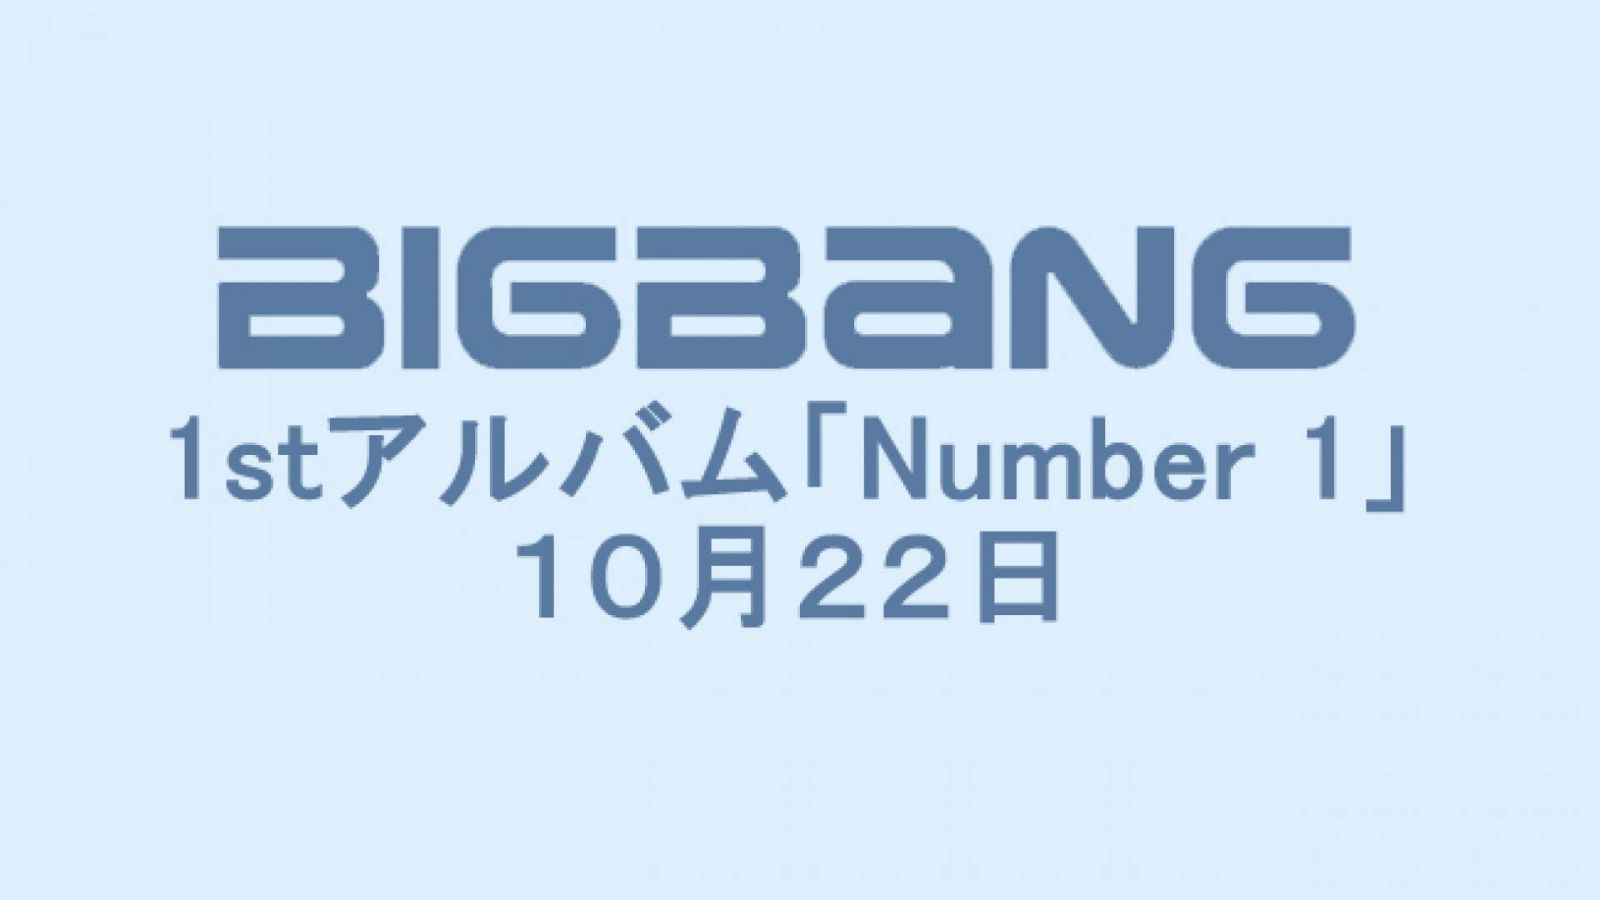 Evento de Big Bang em Tóquio, Japão © KoME